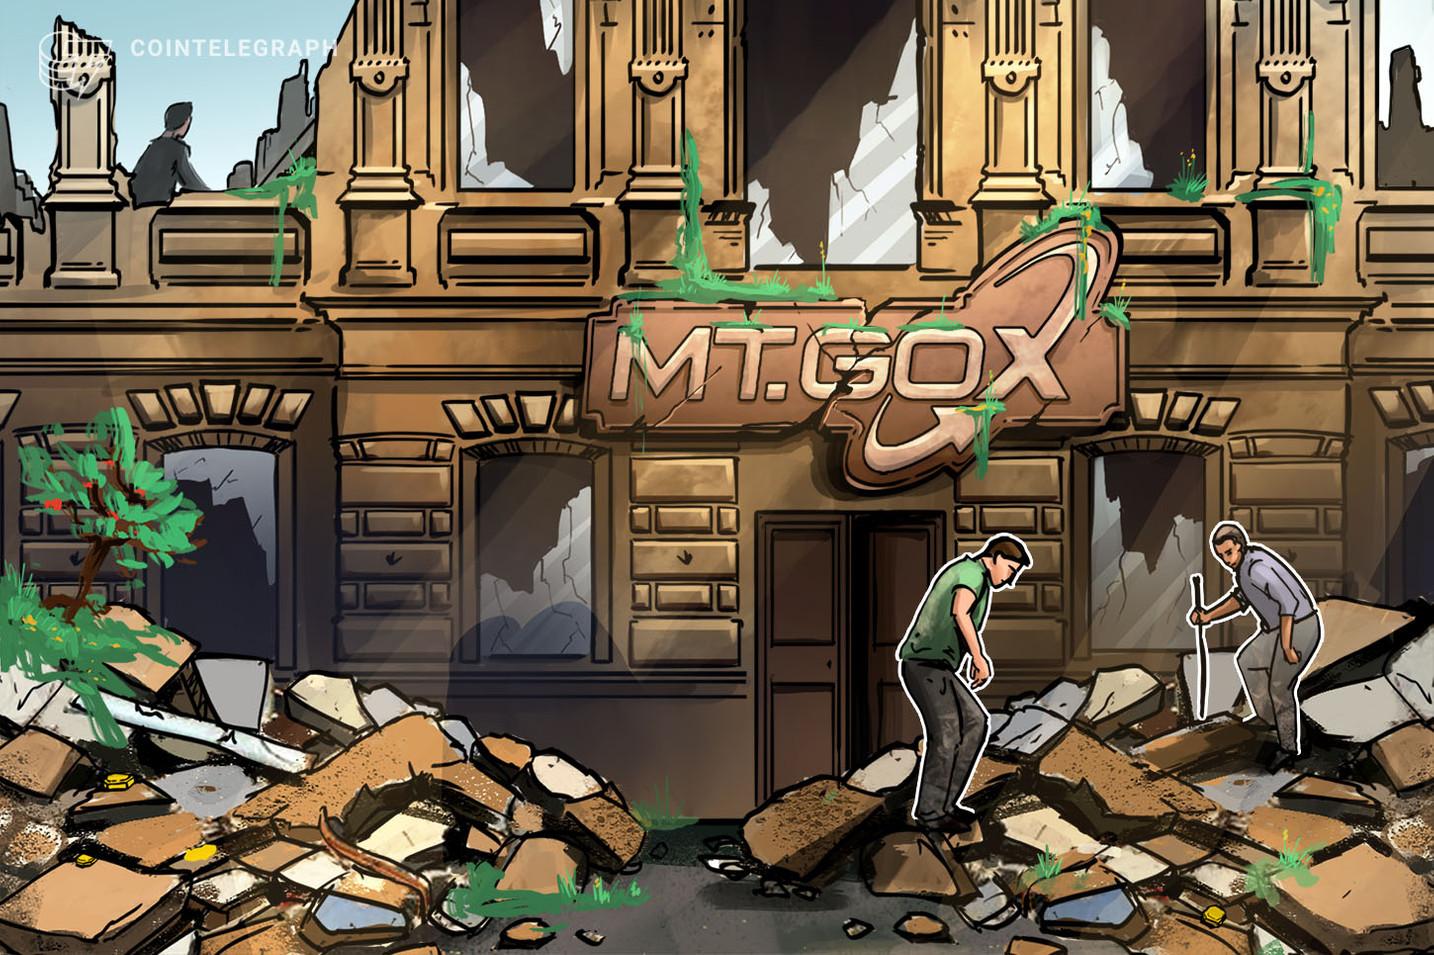 Exchange Mt. Gox agenda reunião com seus credores na esperança de resolver parcialmente a situação